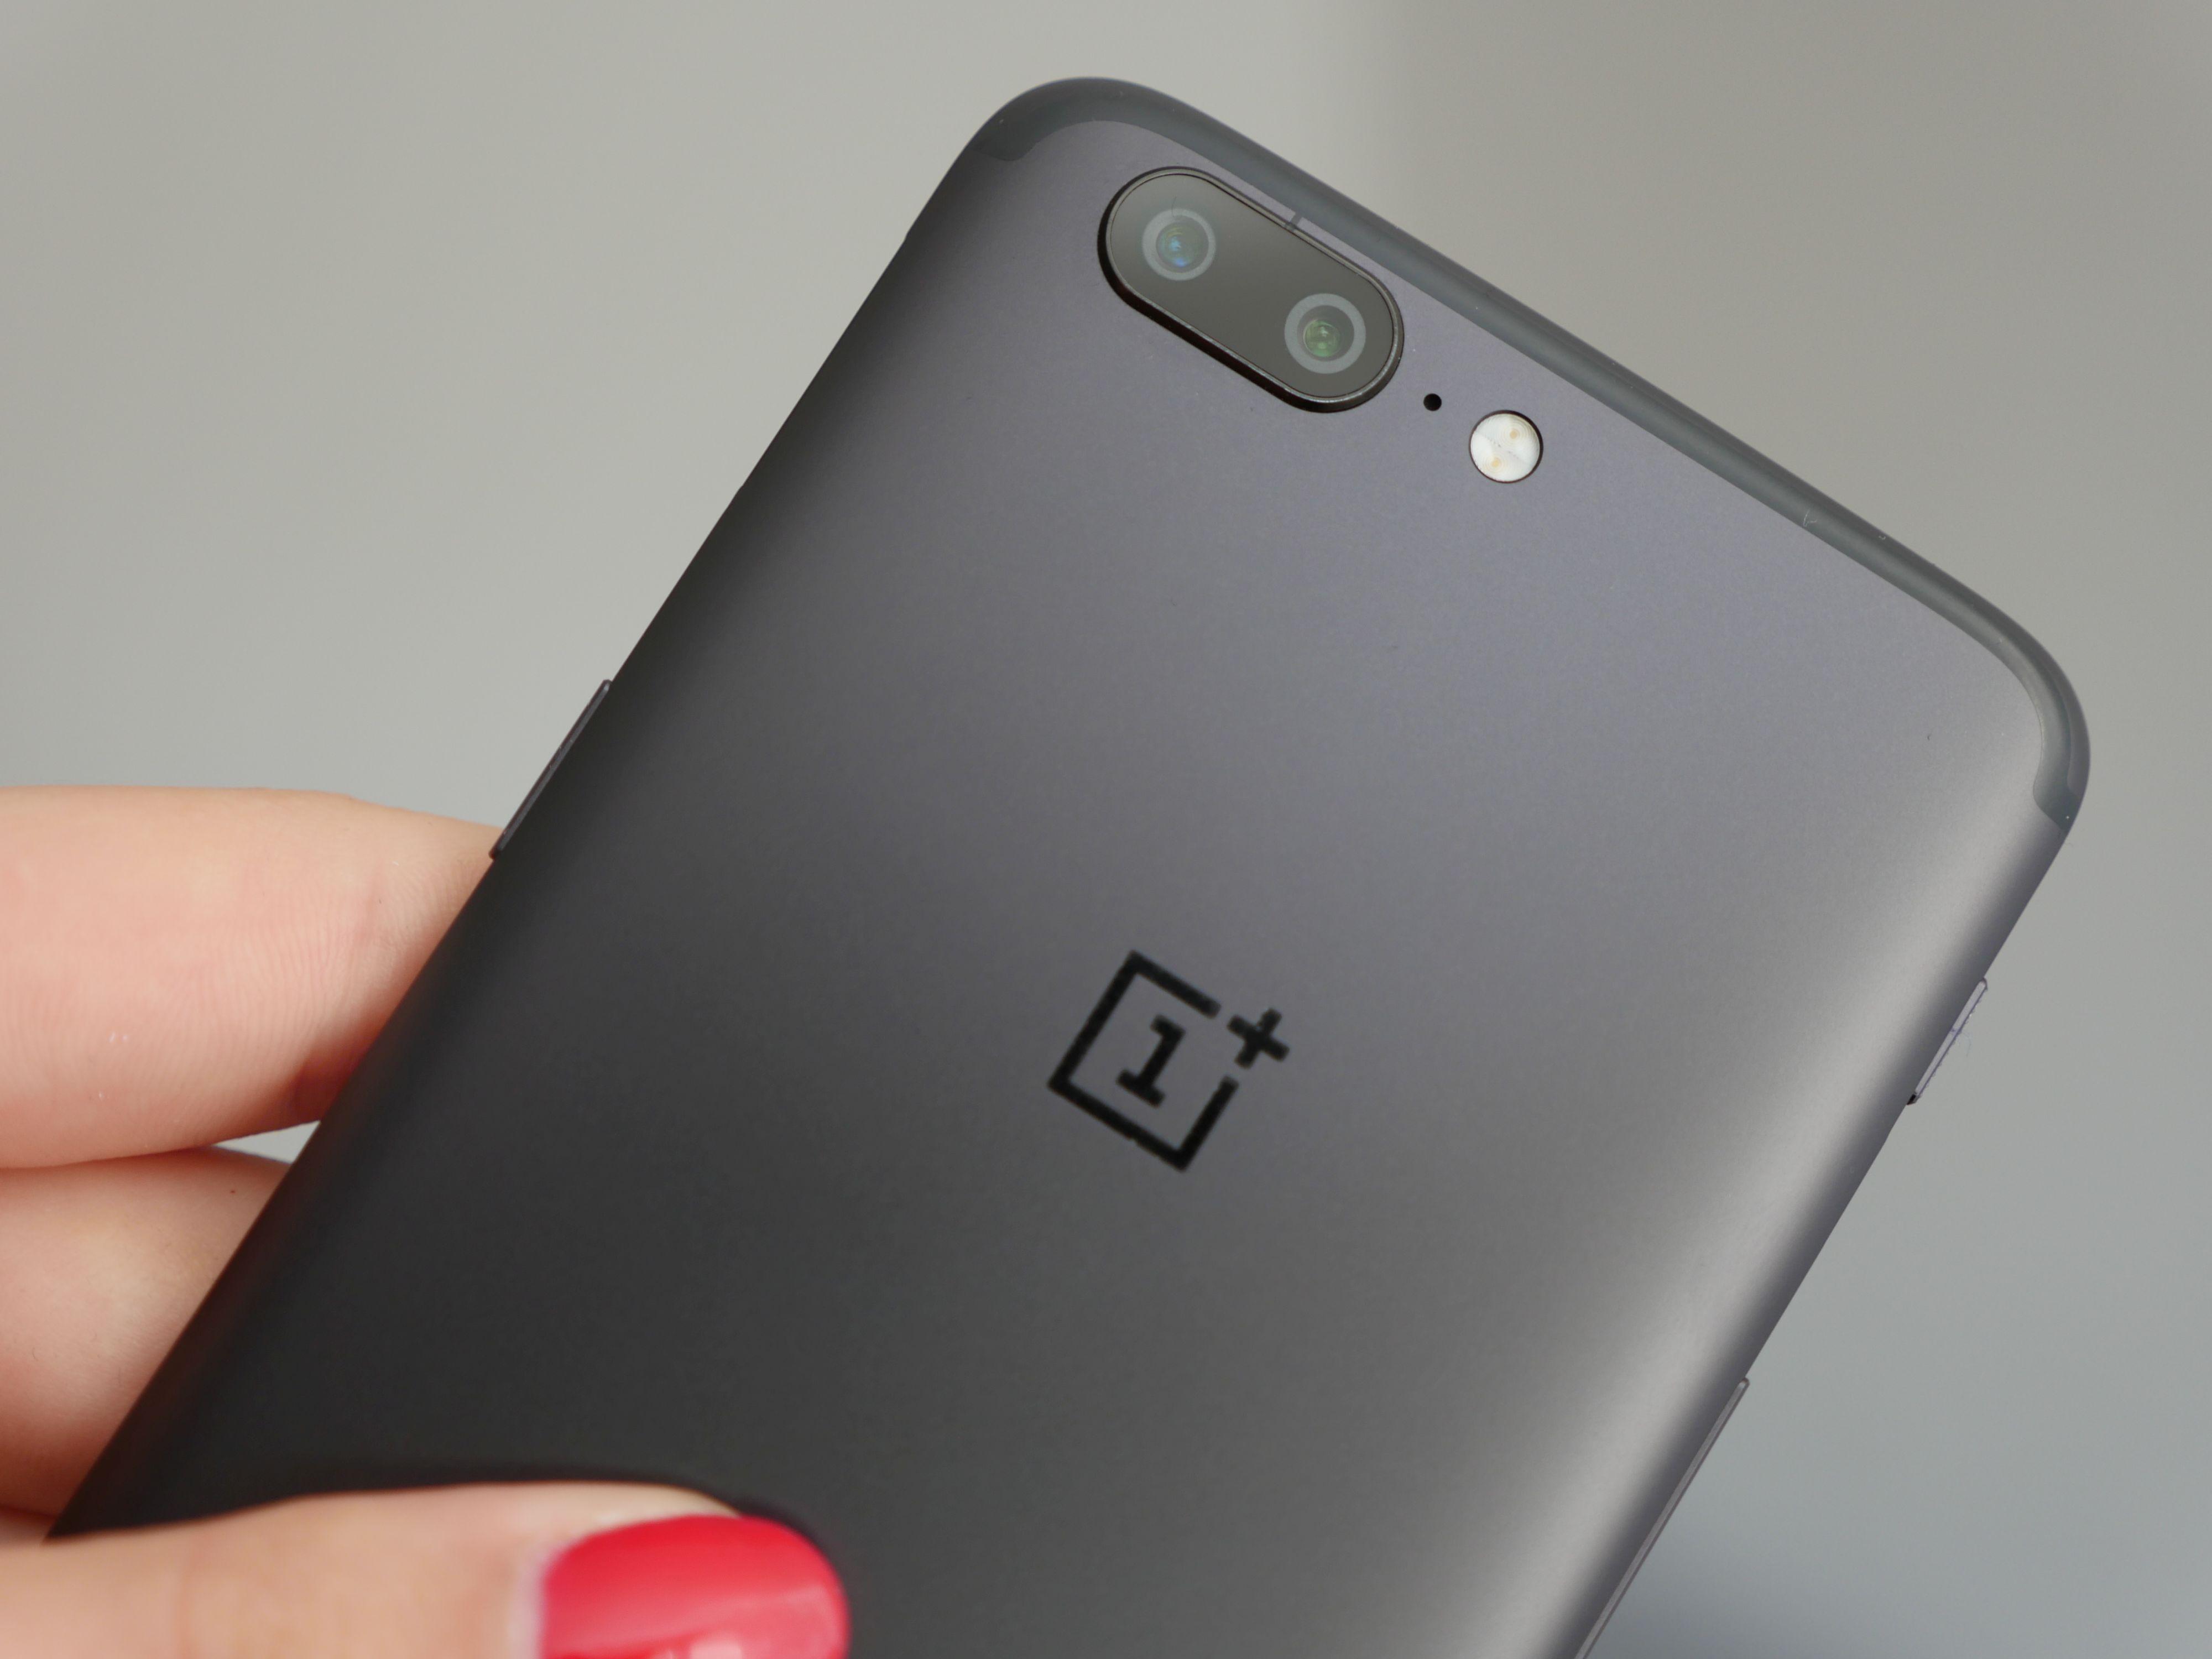 """Recenzja OnePlus 5 - dajcie już spokój z tym """"zabójcą flagowców"""""""